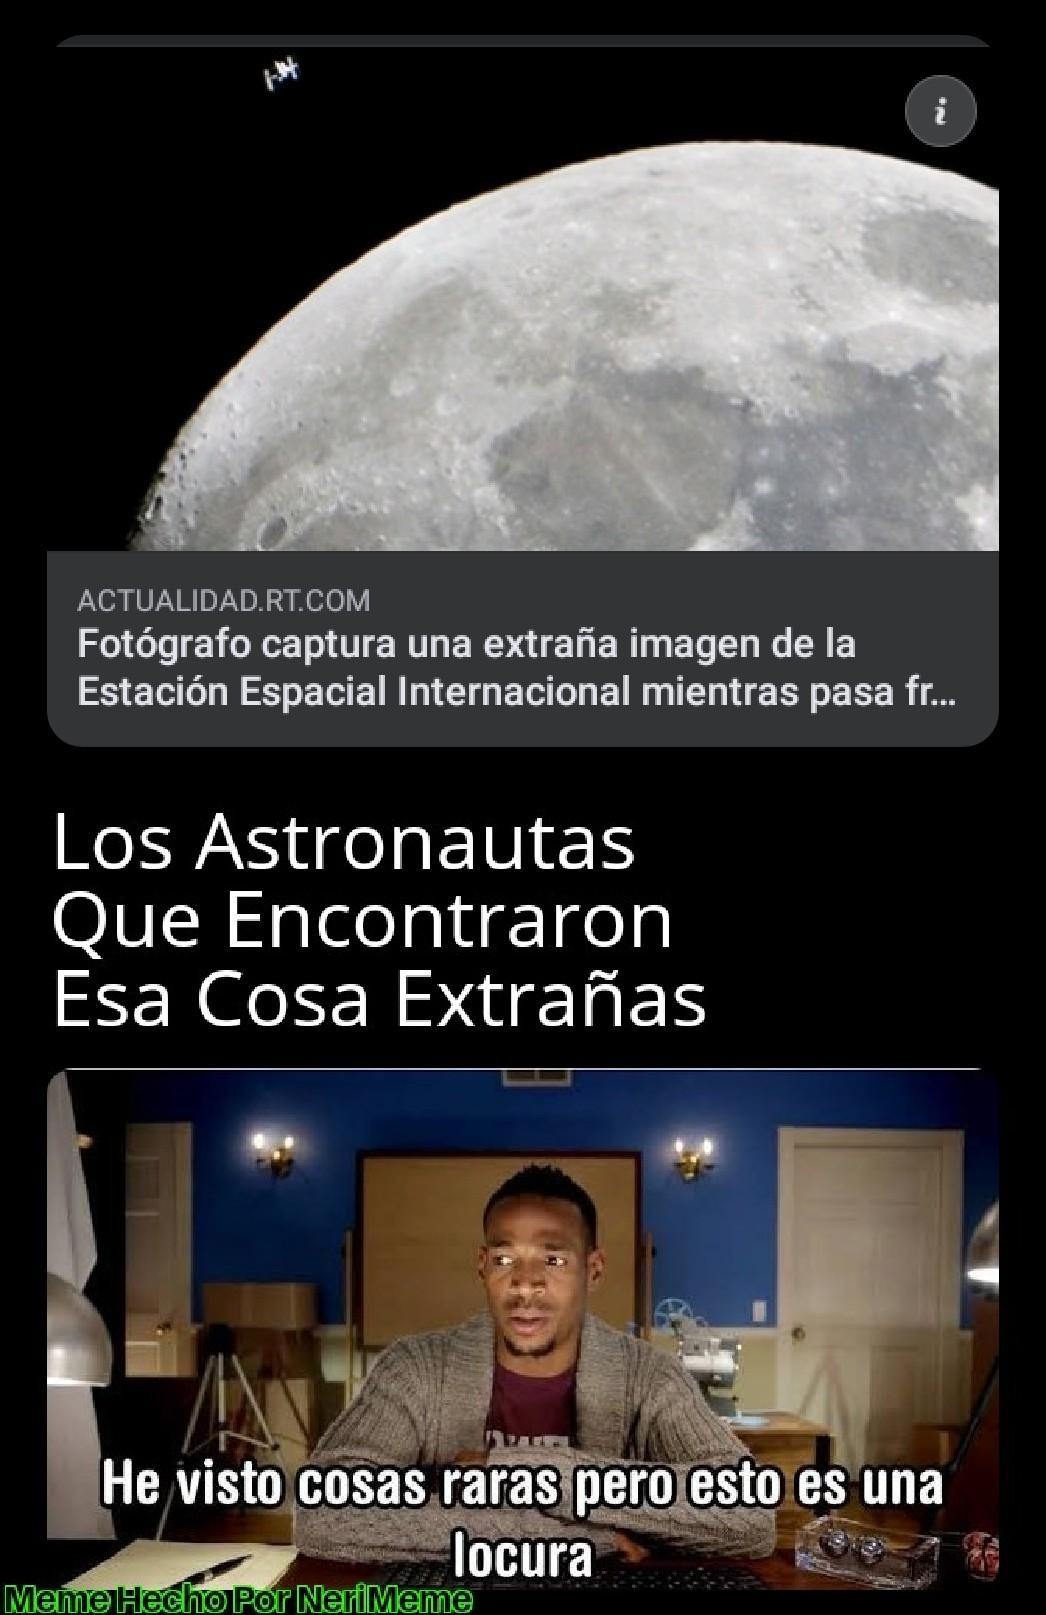 Meme: cosas extrañas que pasan en el exterior del planeta